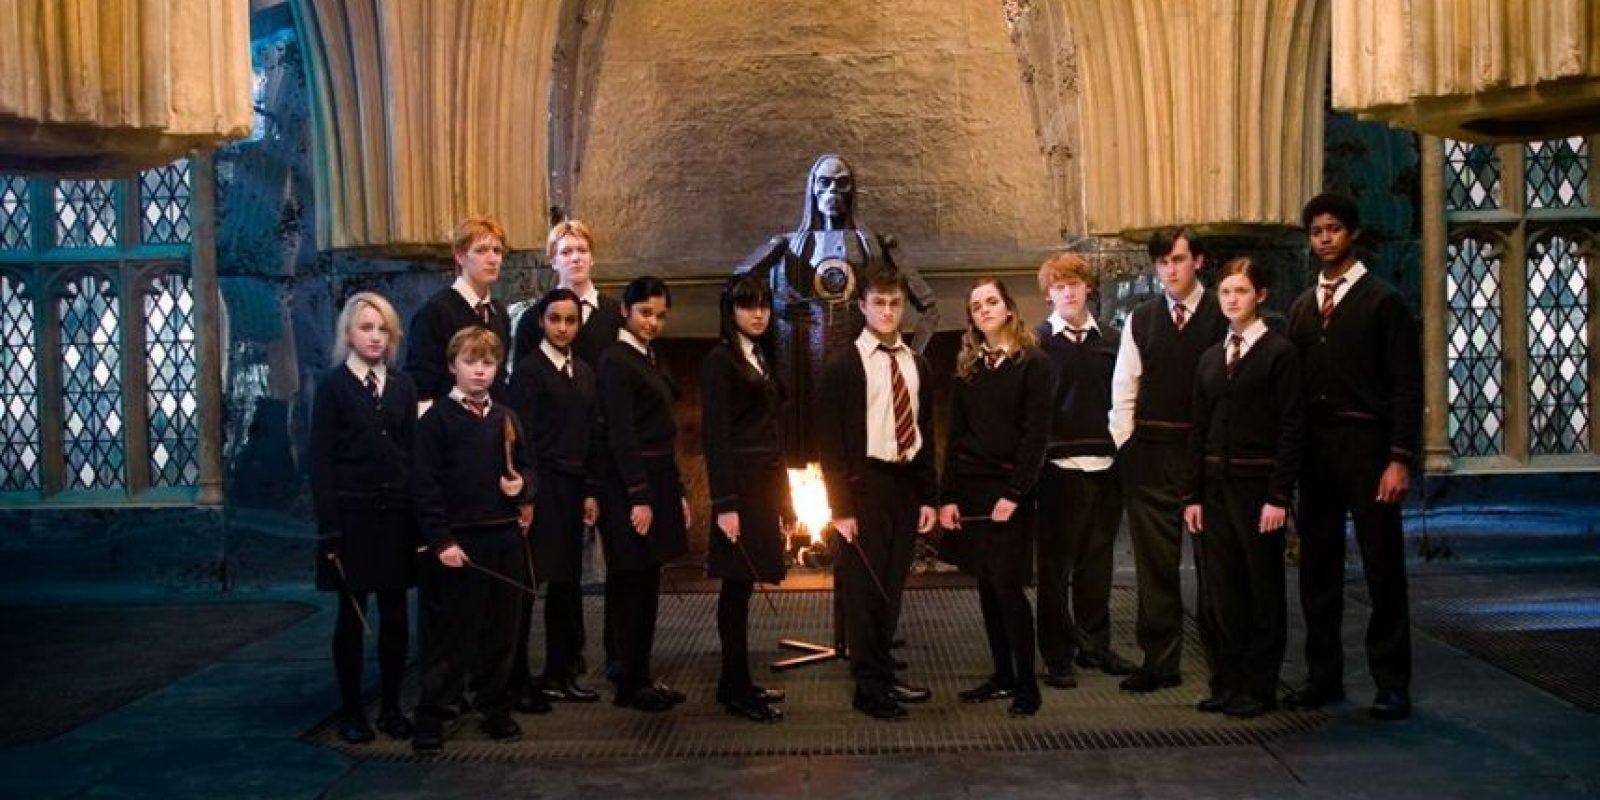 """Según lo indicó el diario británico Daily Mail, días después de que la actriz participó como doble en la película """"Harry Potter y el Misterio del Príncipe Mestizo"""", sufrió un derrame cerebral que la mantuvo en coma durante cinco días. Foto:vía facebook.com/harrypottermovie"""